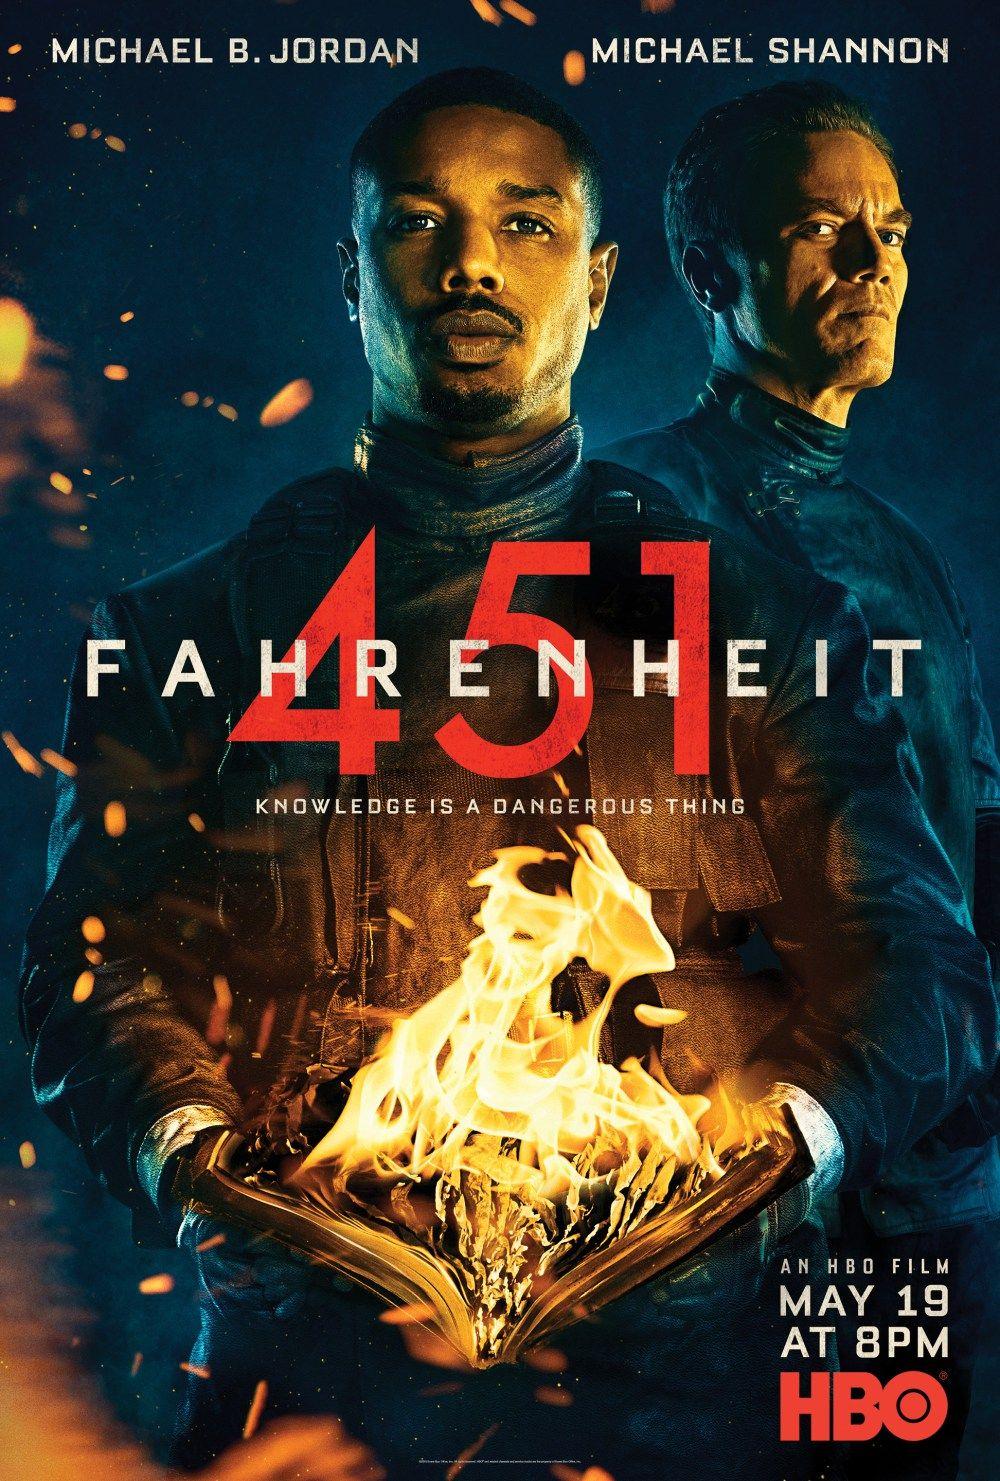 Fahrenheit 451 Filme Hbo 2018 Resenha Meta Galáxia Fahrenheit 451 Filmes Filmes De Ação